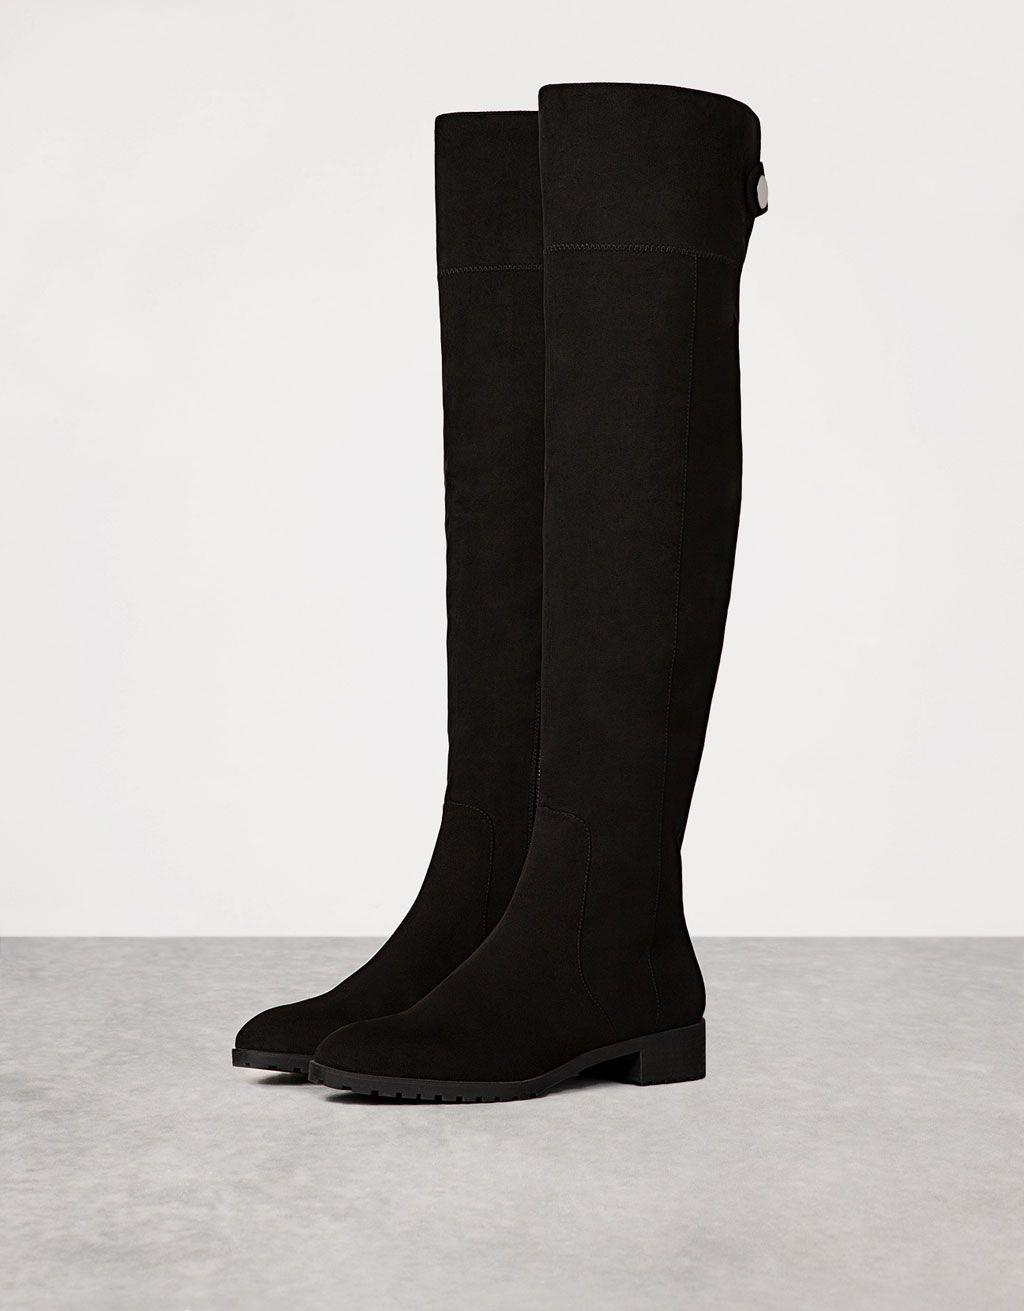 ecfc4c6f6d769 Tight-fitting flat, tall boots | Odeca 2016 | Flat heel boots, Tall ...